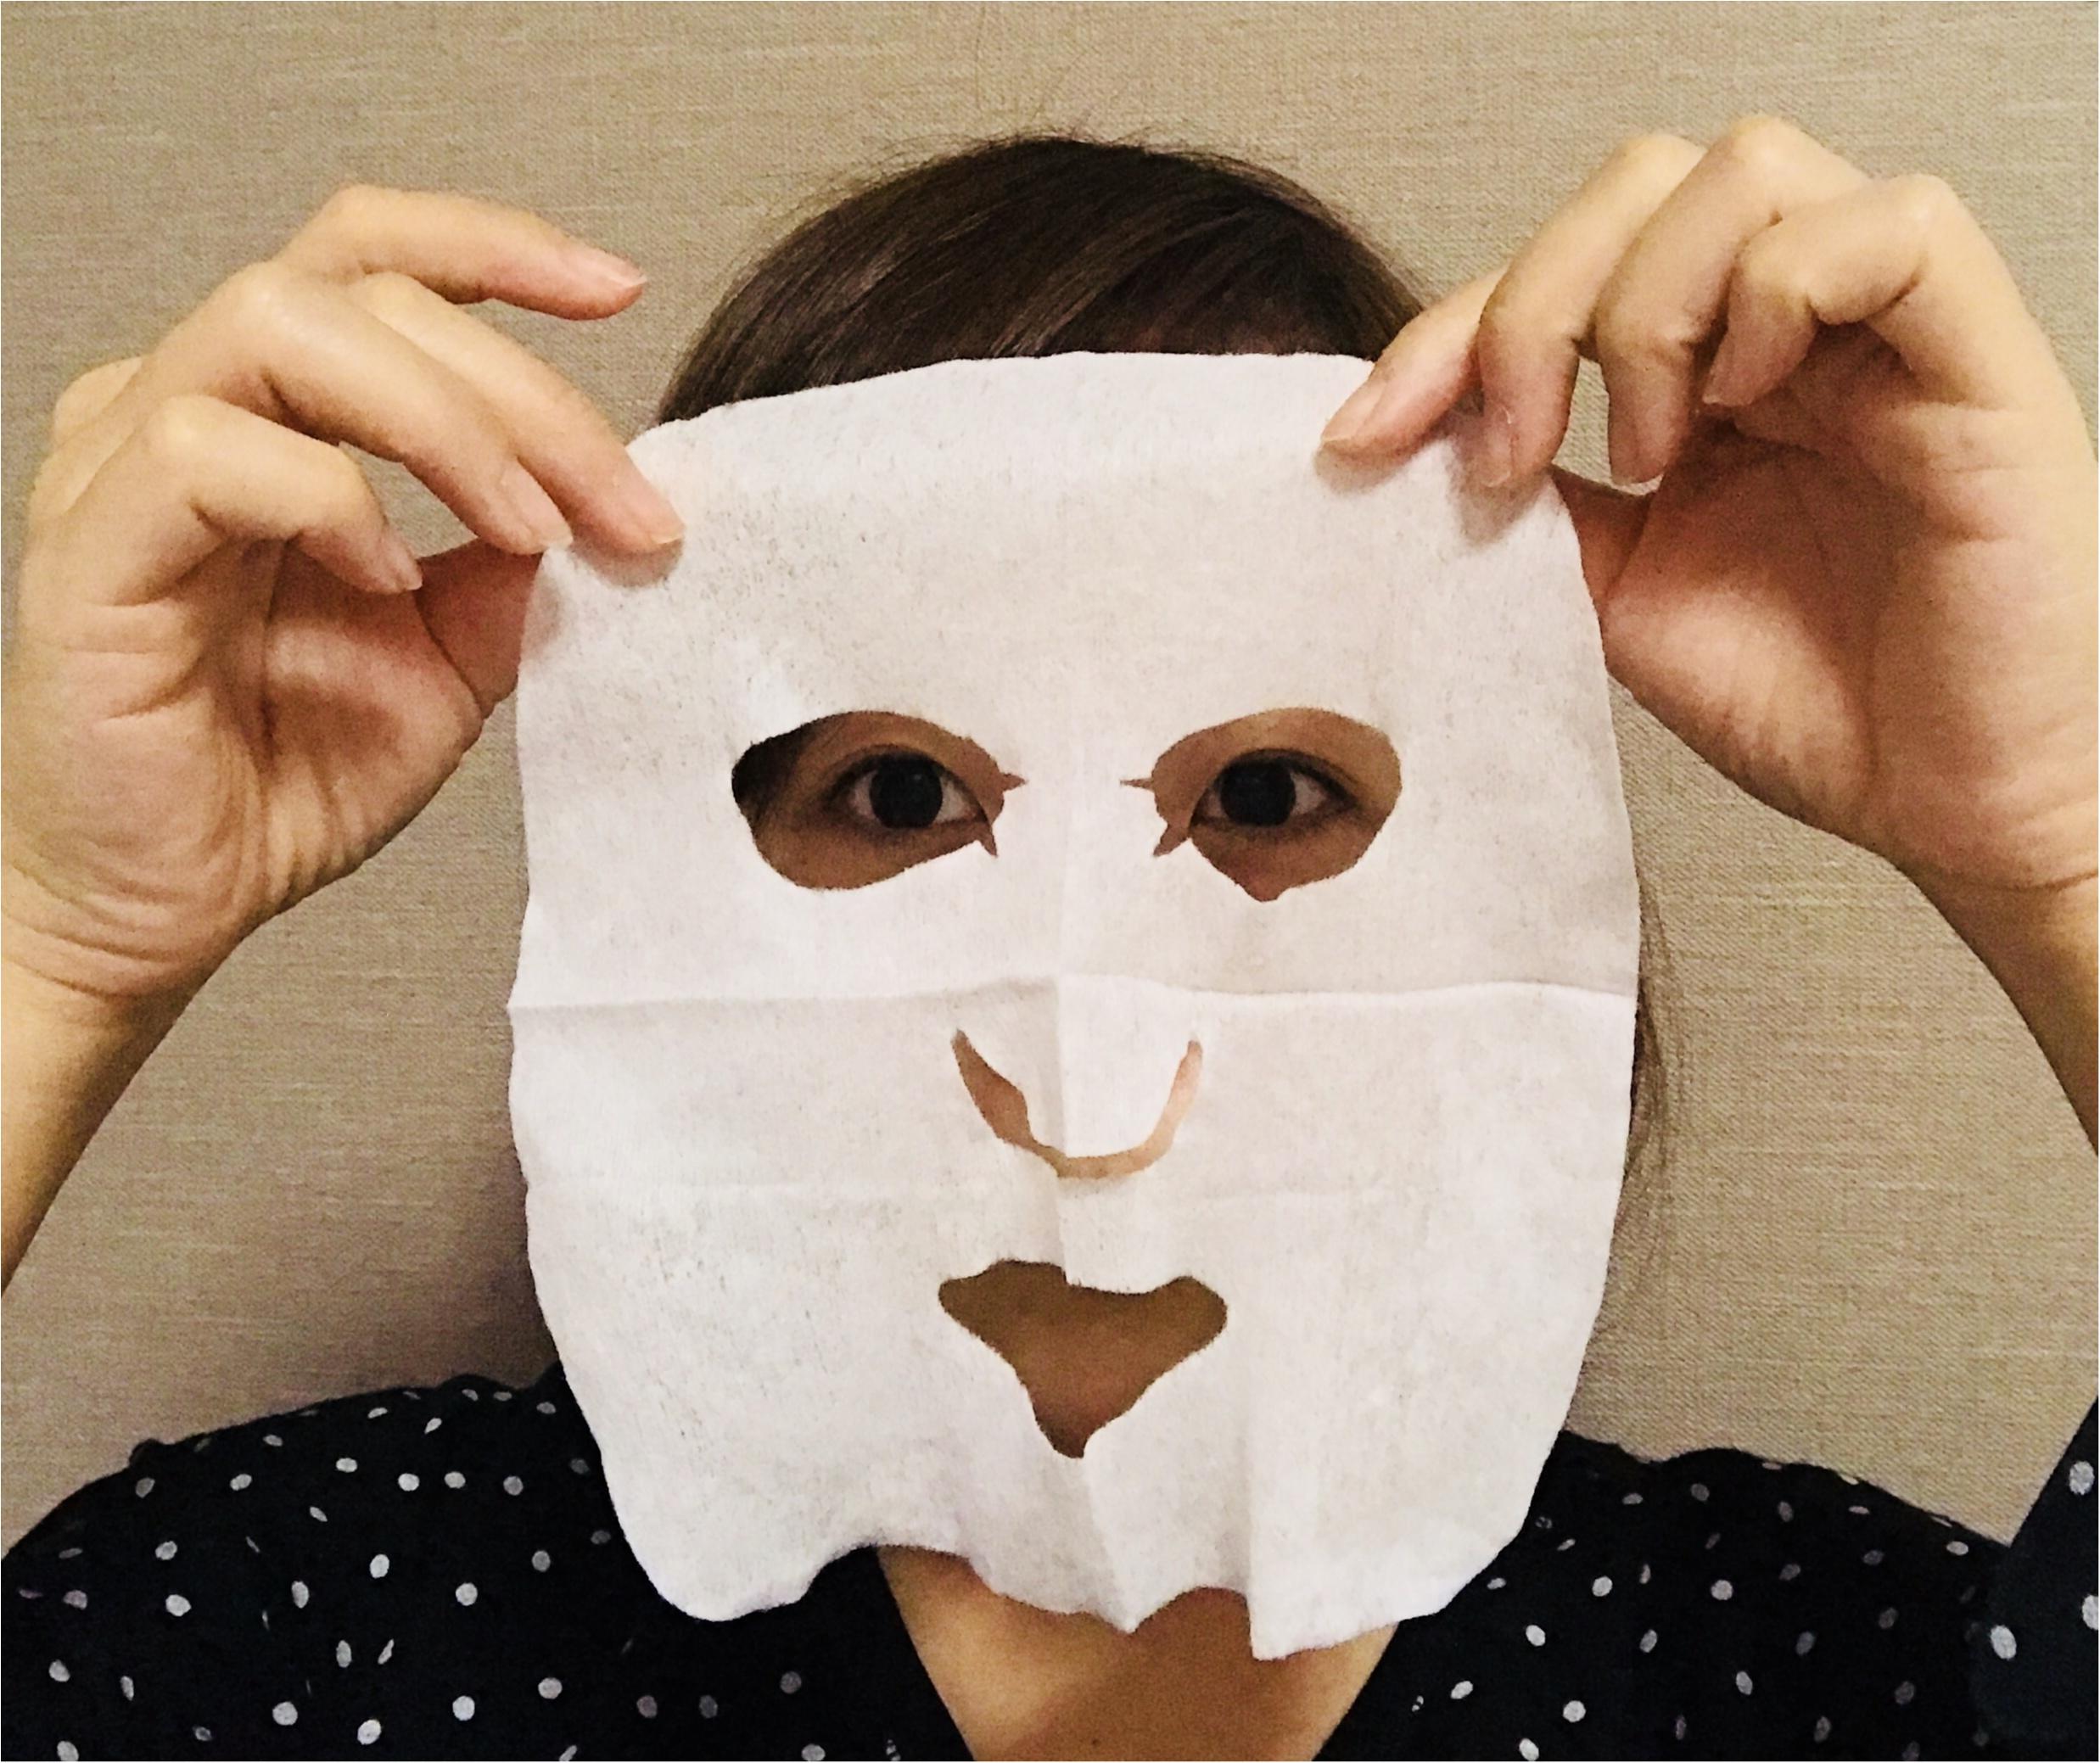 【朝パック】で抜群の化粧ノリ効果!!洗顔+スキンケア+保湿下地が《たった60秒》でできる《目ざまシート》がすごい♡♡_2